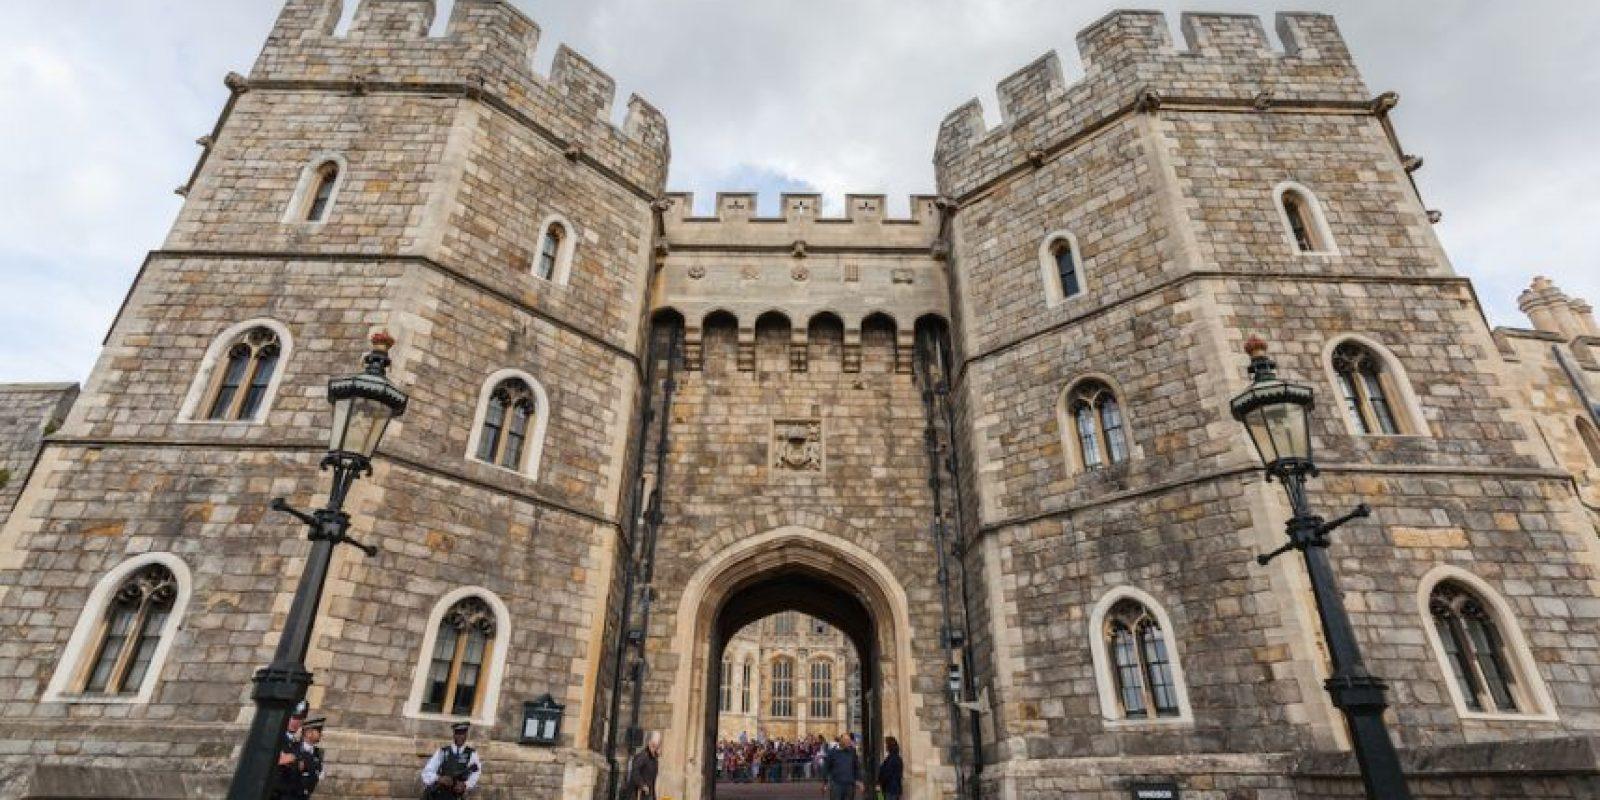 El Castillo de Windsor es un palacio y residencia real, notable por su antigua relación con la Familia Real Británica y por su arquitectura. Foto:Wikicommons